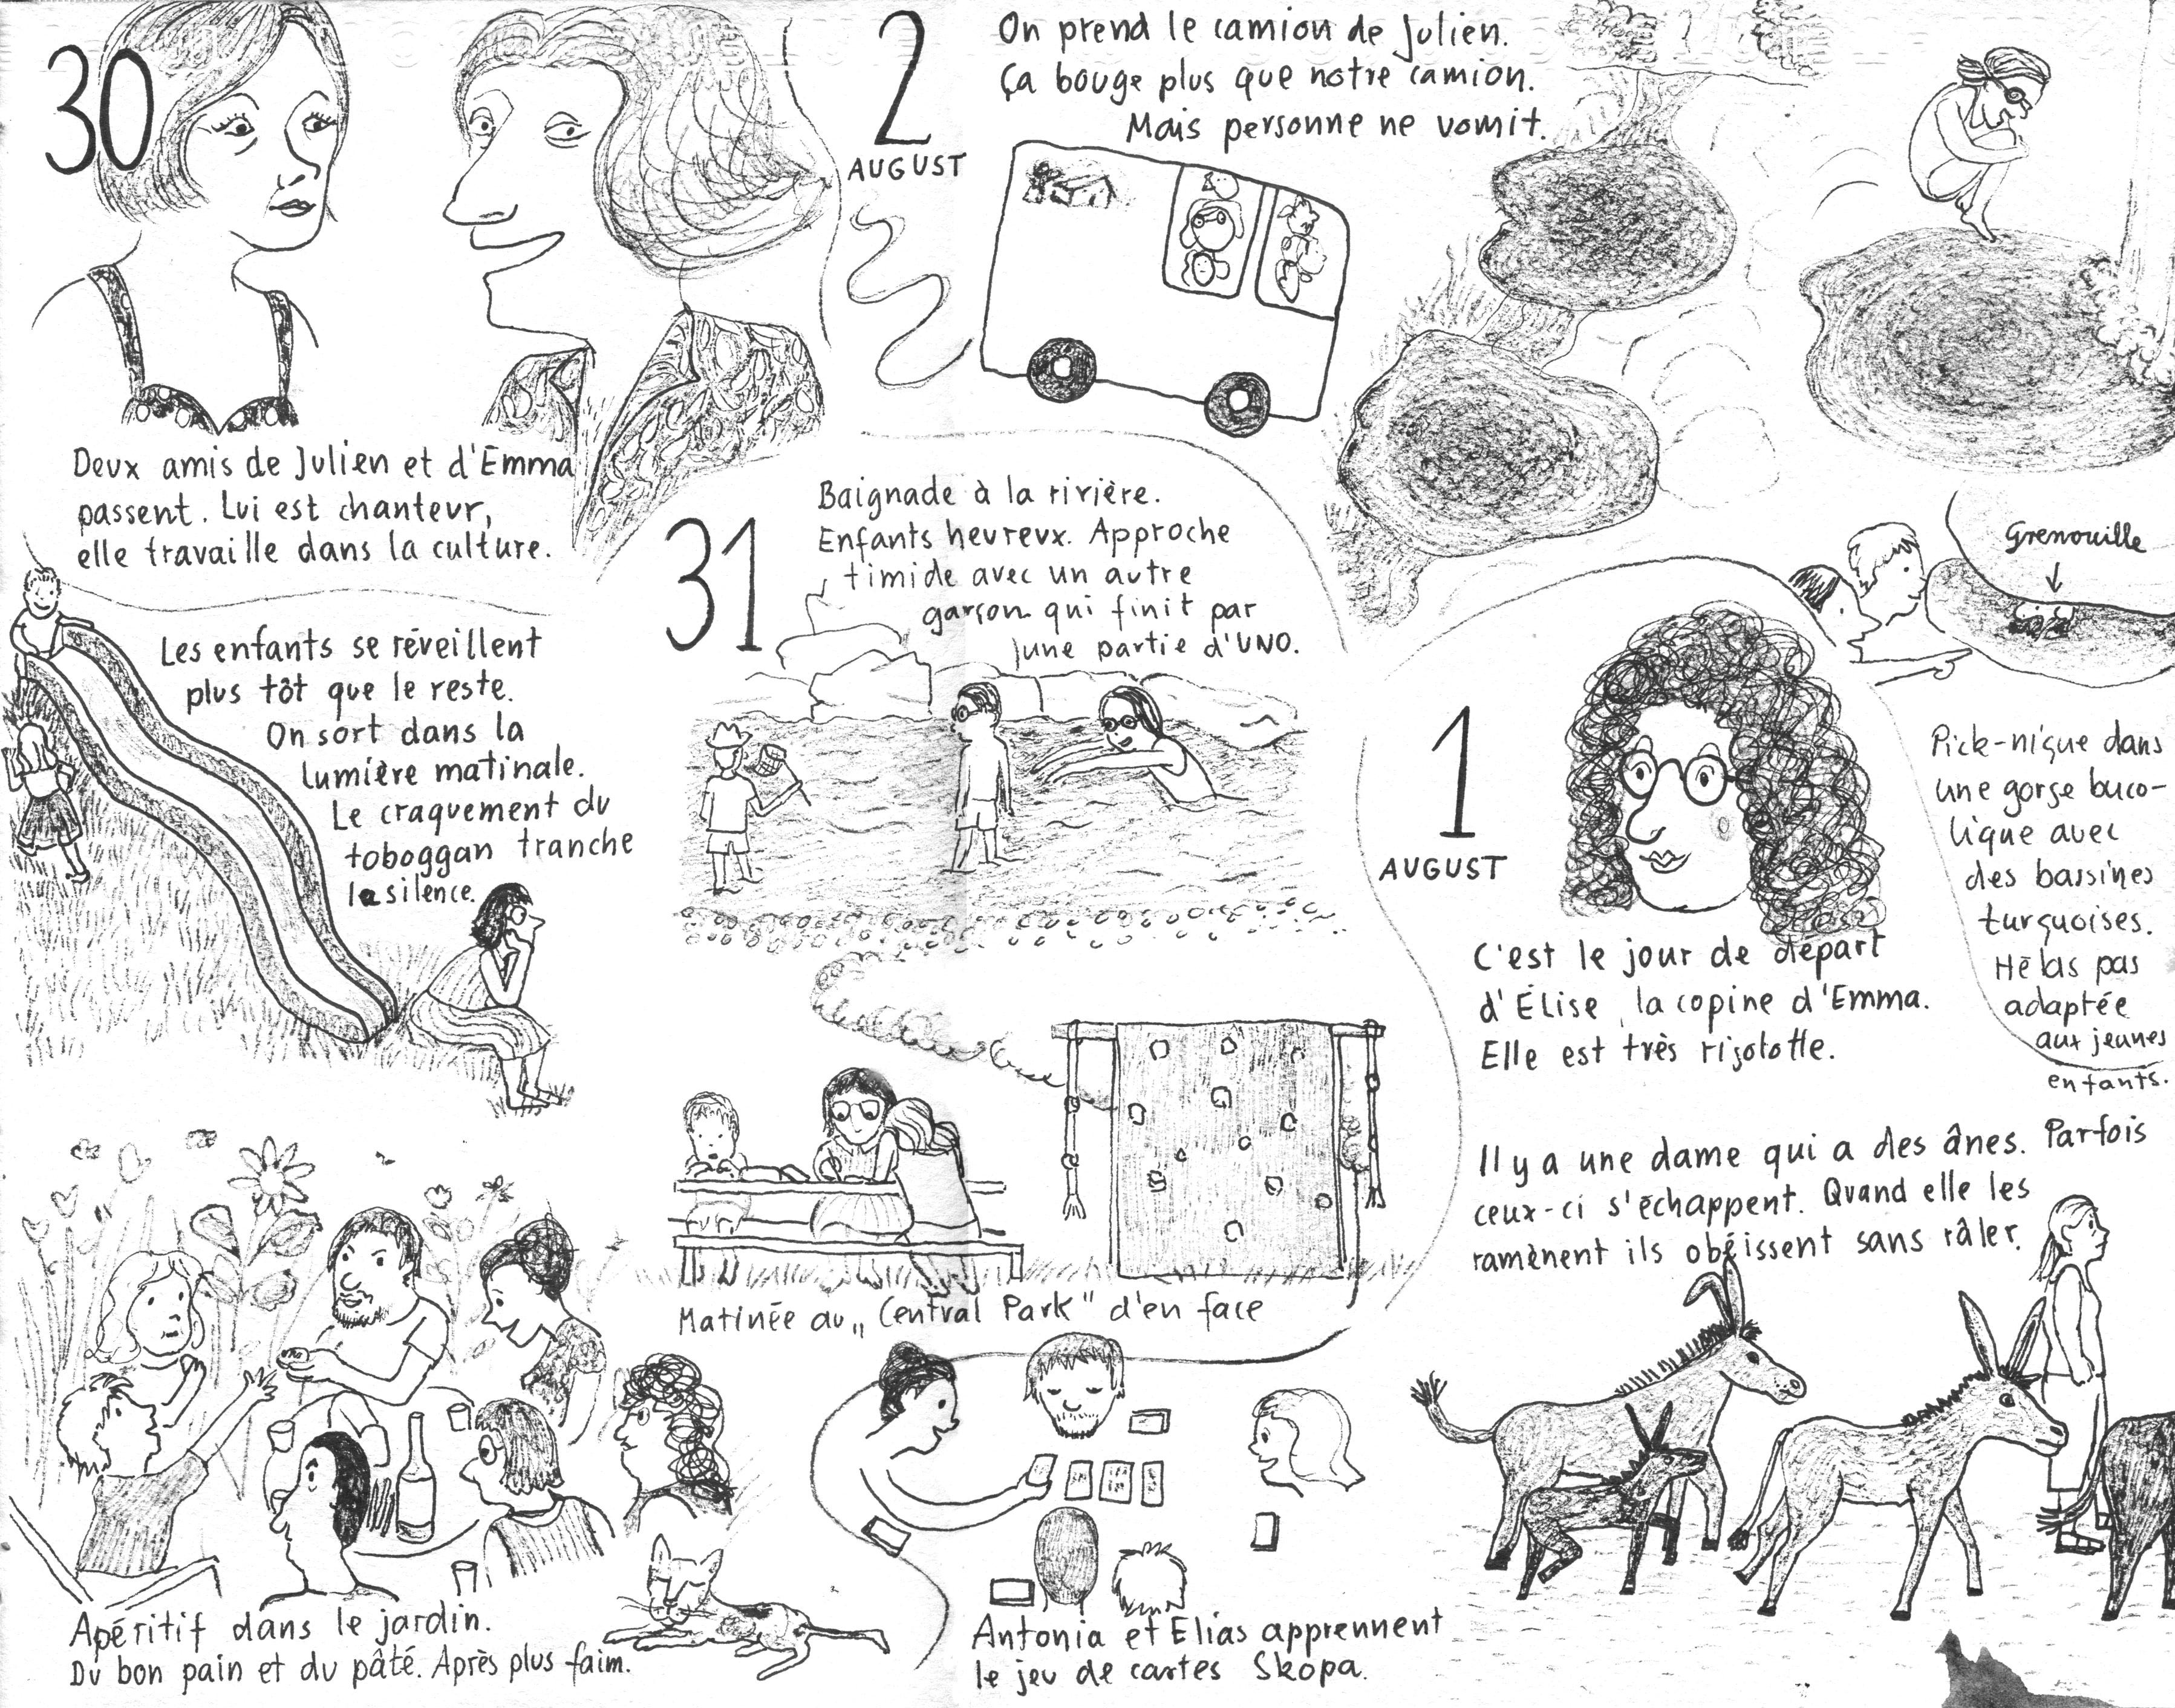 Seite aus visualisiertem Sketchnotes-Tagebuch. Feine Zeichnungen mit Feinliner gezeichnet. Texte in französisch.